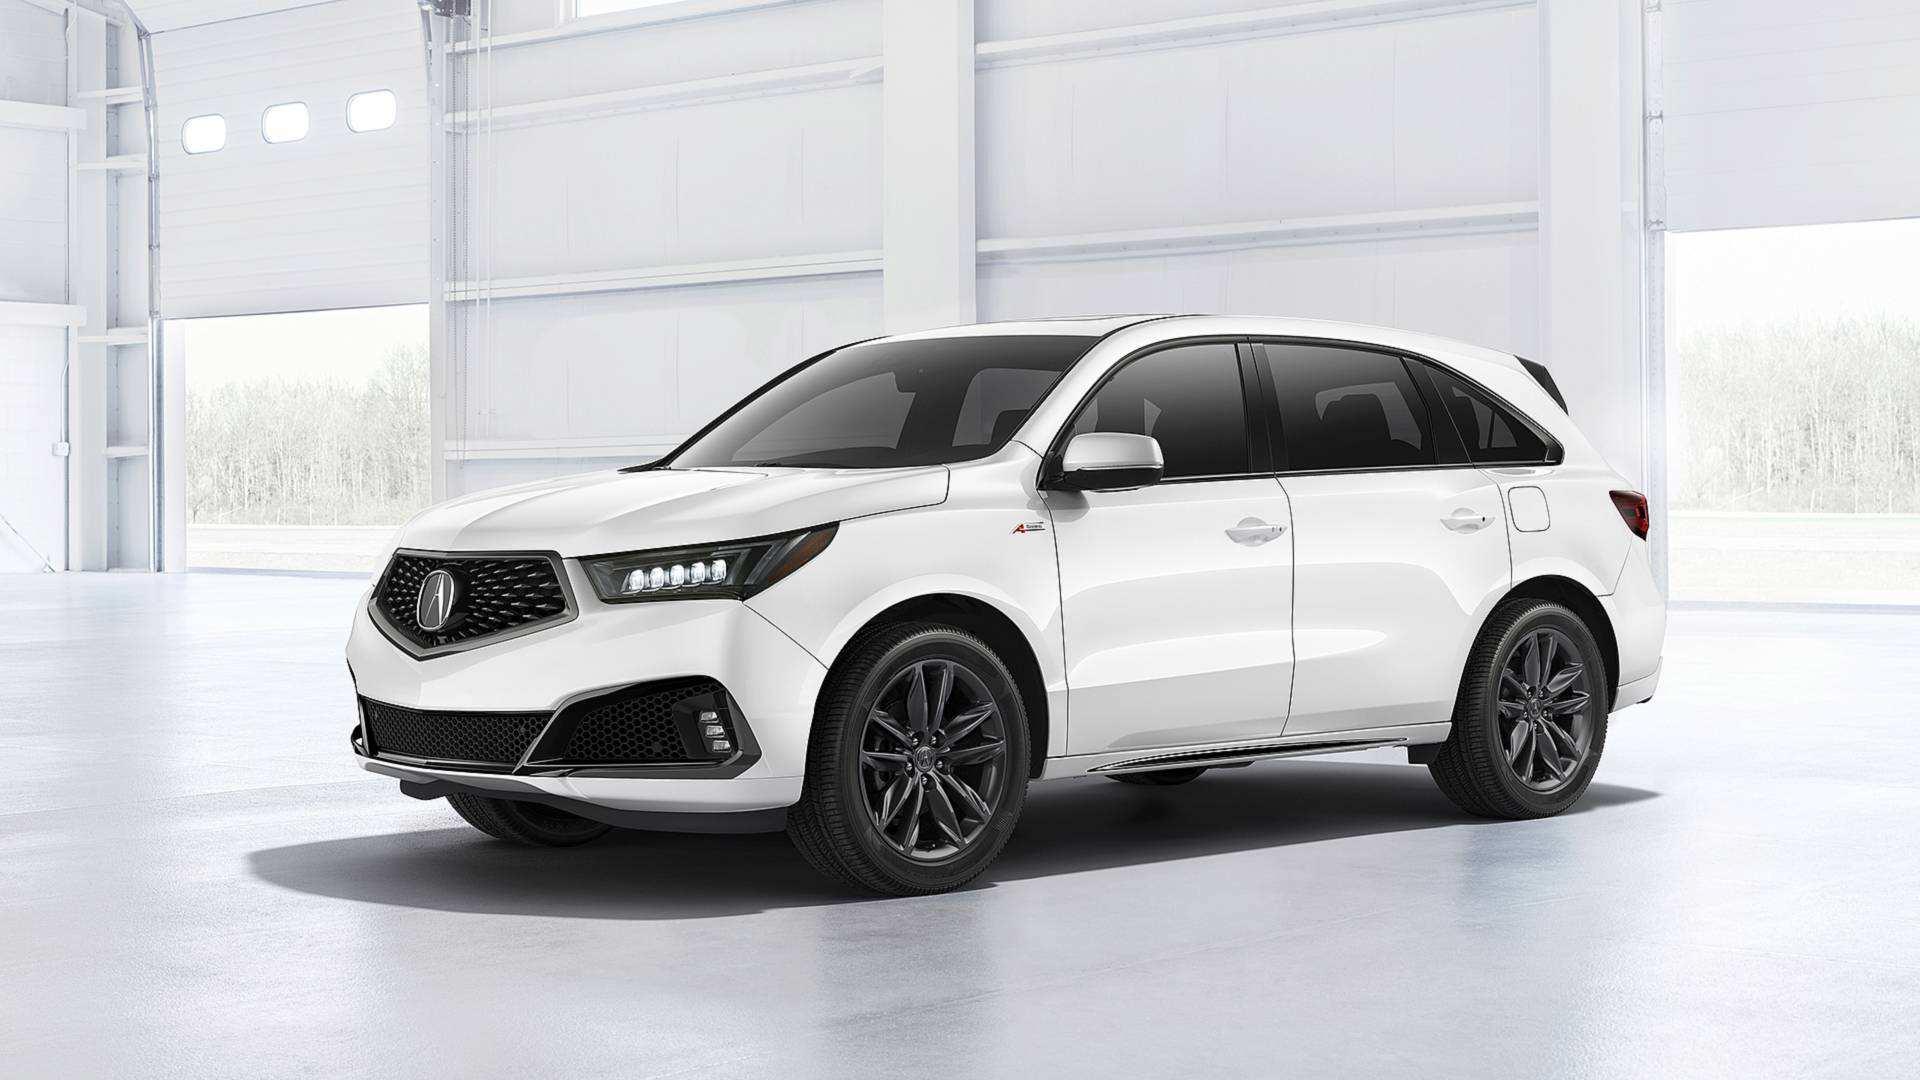 27 New 2019 Acura Usa Specs by 2019 Acura Usa